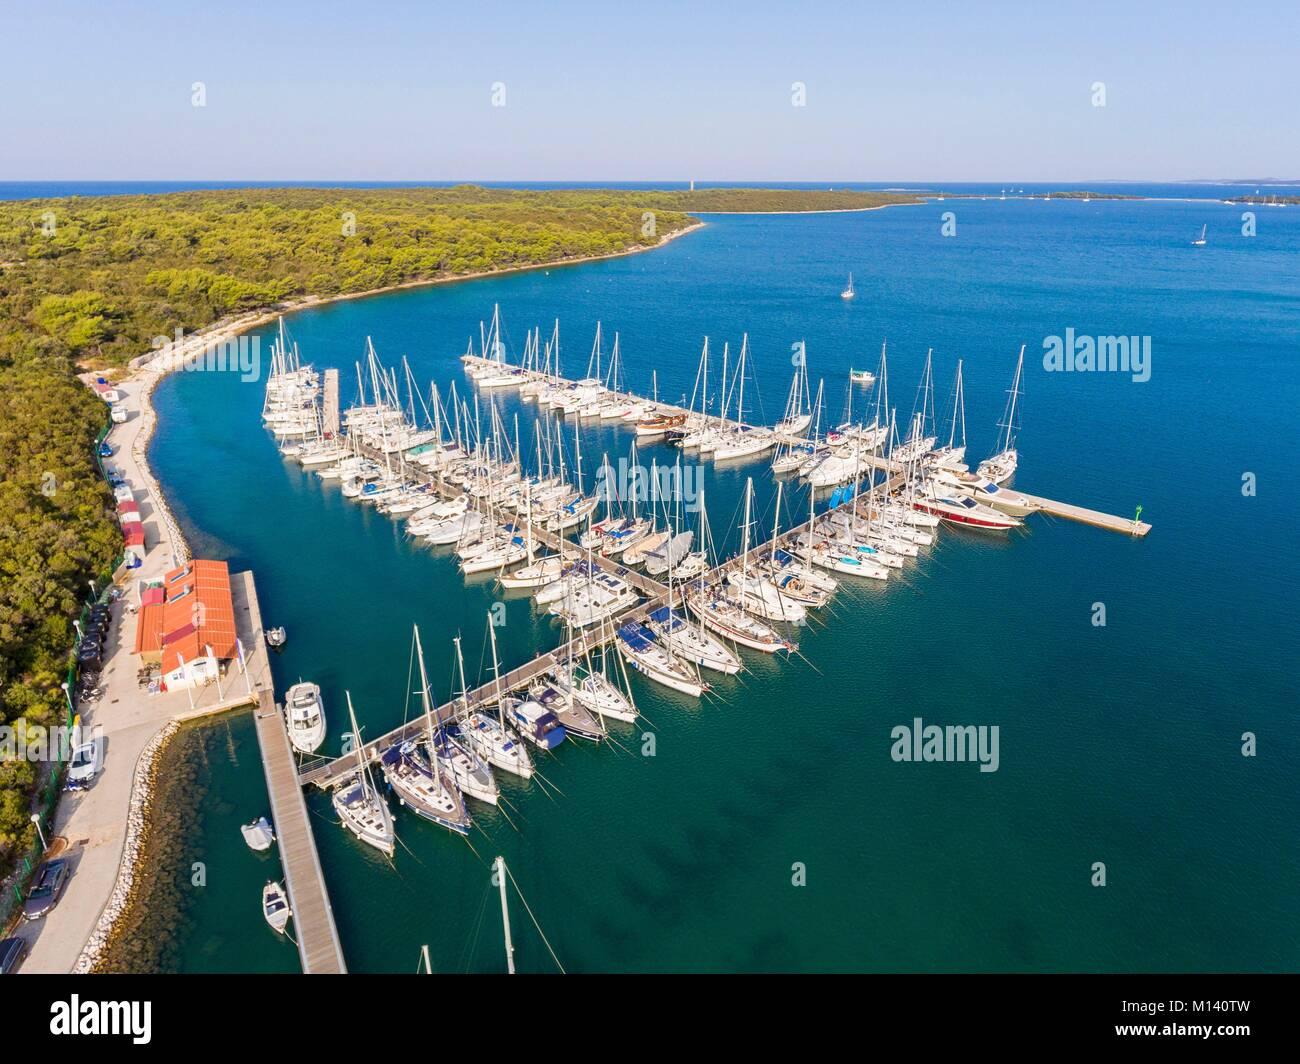 Croatia, North Dalmatia, Dalmatian coast, Zadar archipelago, Dugi Otok Island, Veli Rat marina (aerial view) - Stock Image